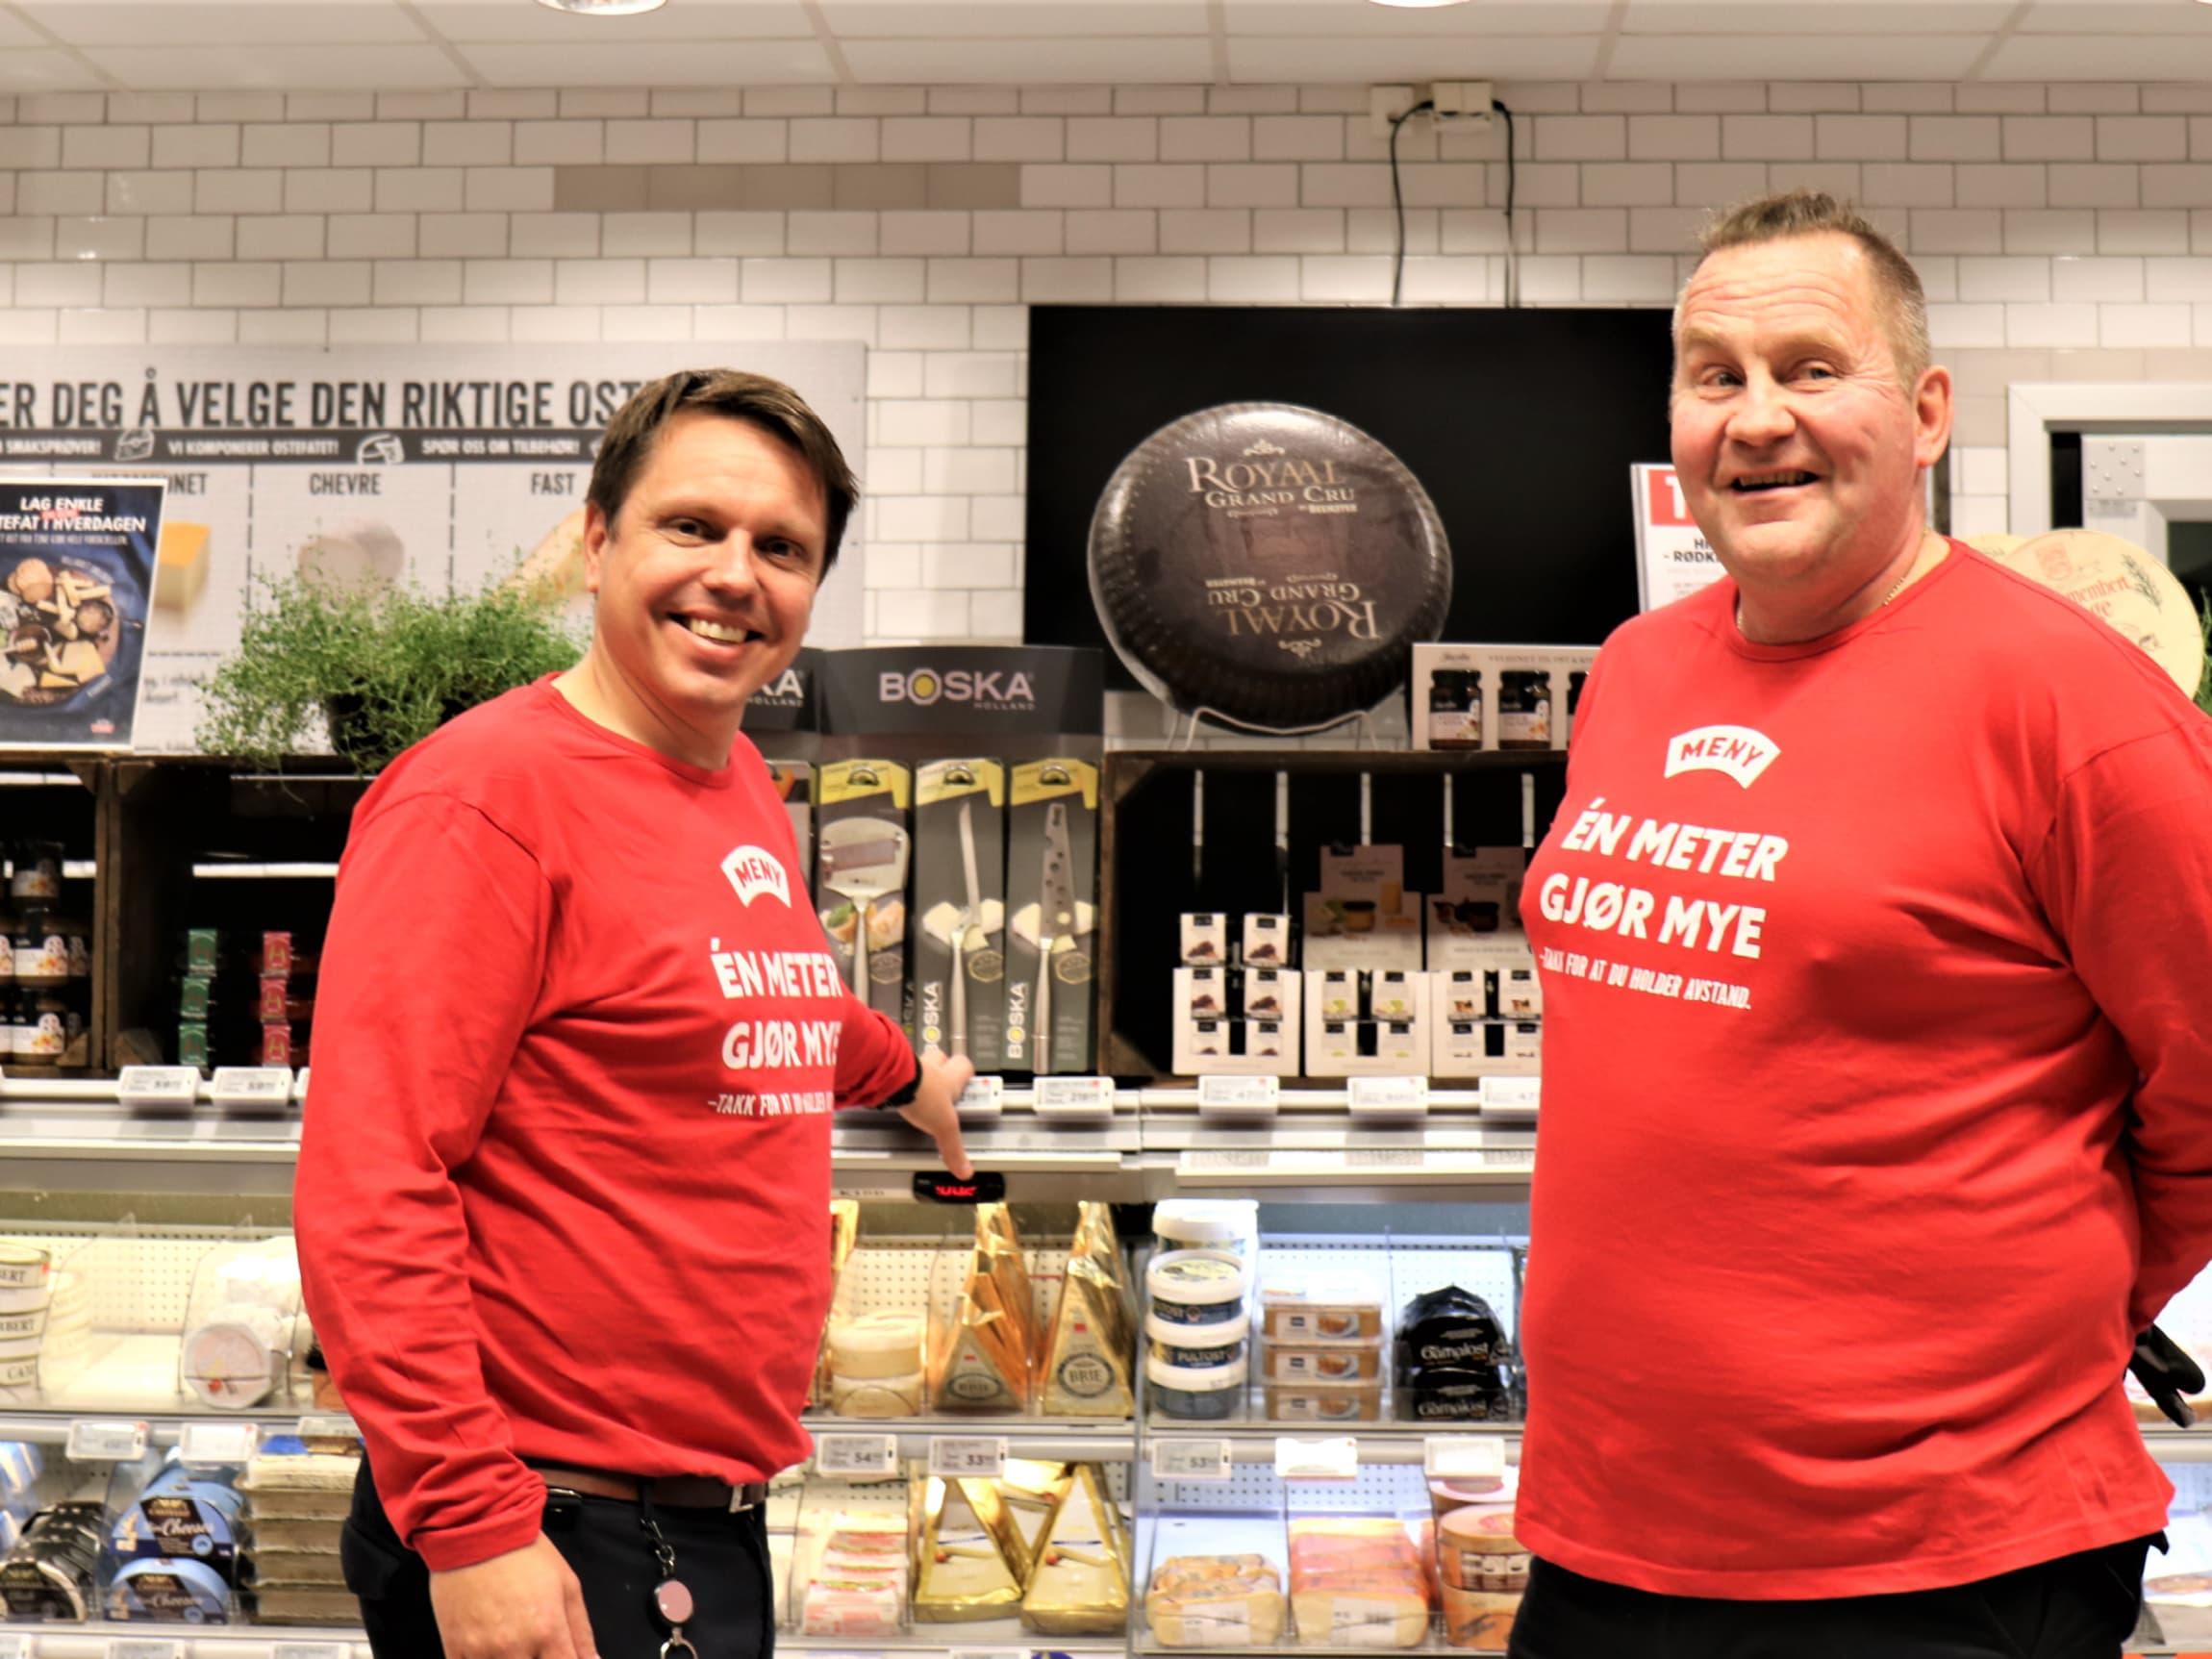 Frank Skråmo hadde nesten gitt opp, men det ble full klaff da han kom til MENY Stavern og fikk tillit hos butikksjef Thomas Eriksen.